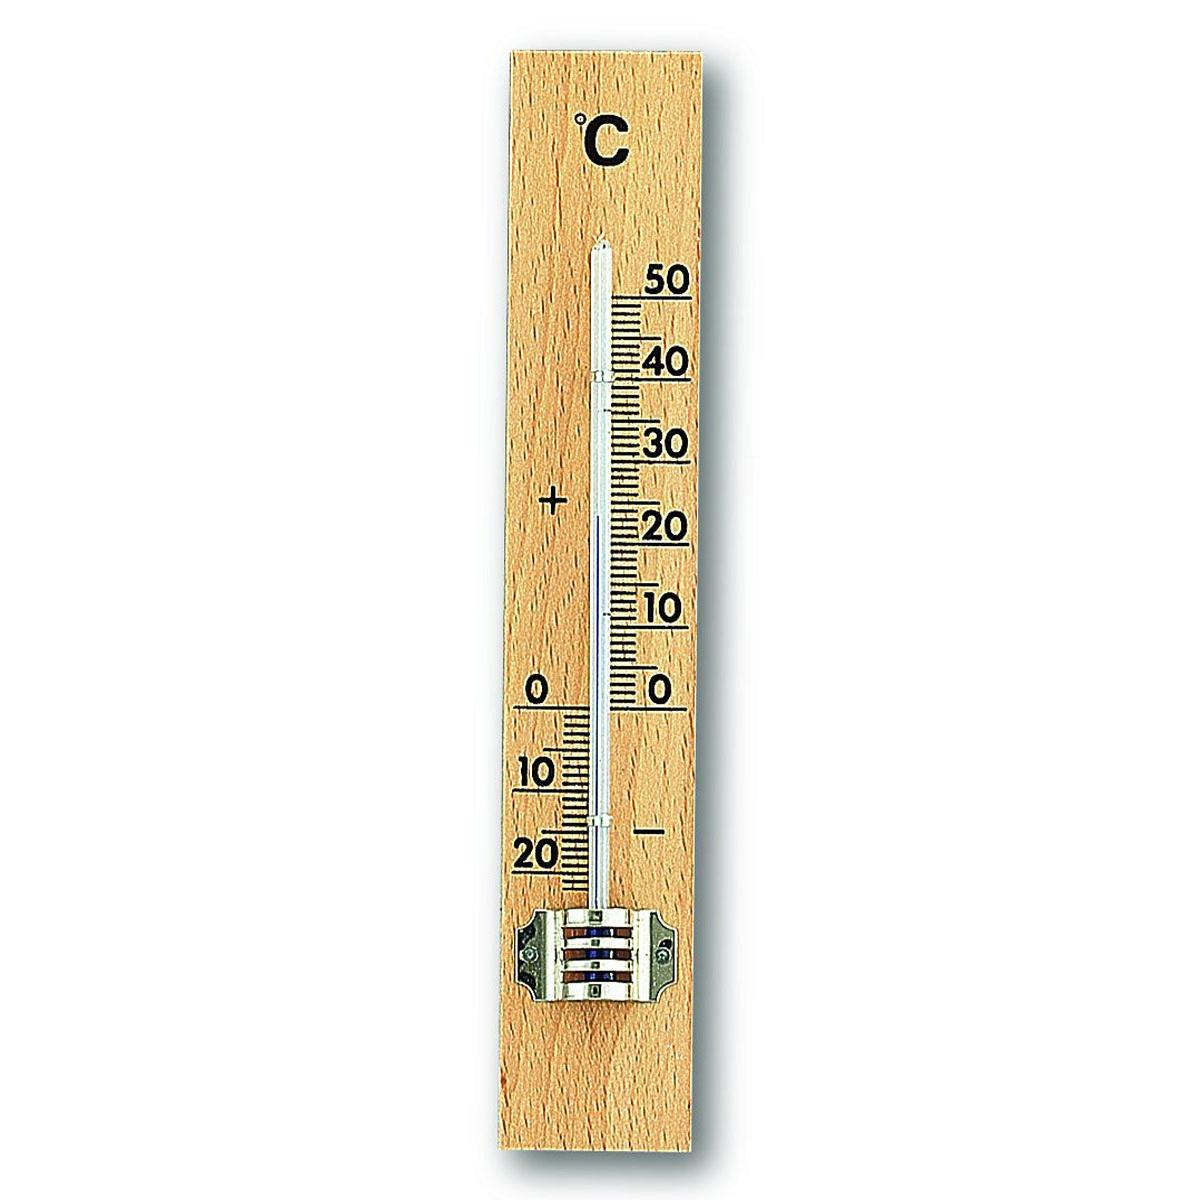 12-1001-analoges-innen-aussen-thermometer-buche-1200x1200px.jpg